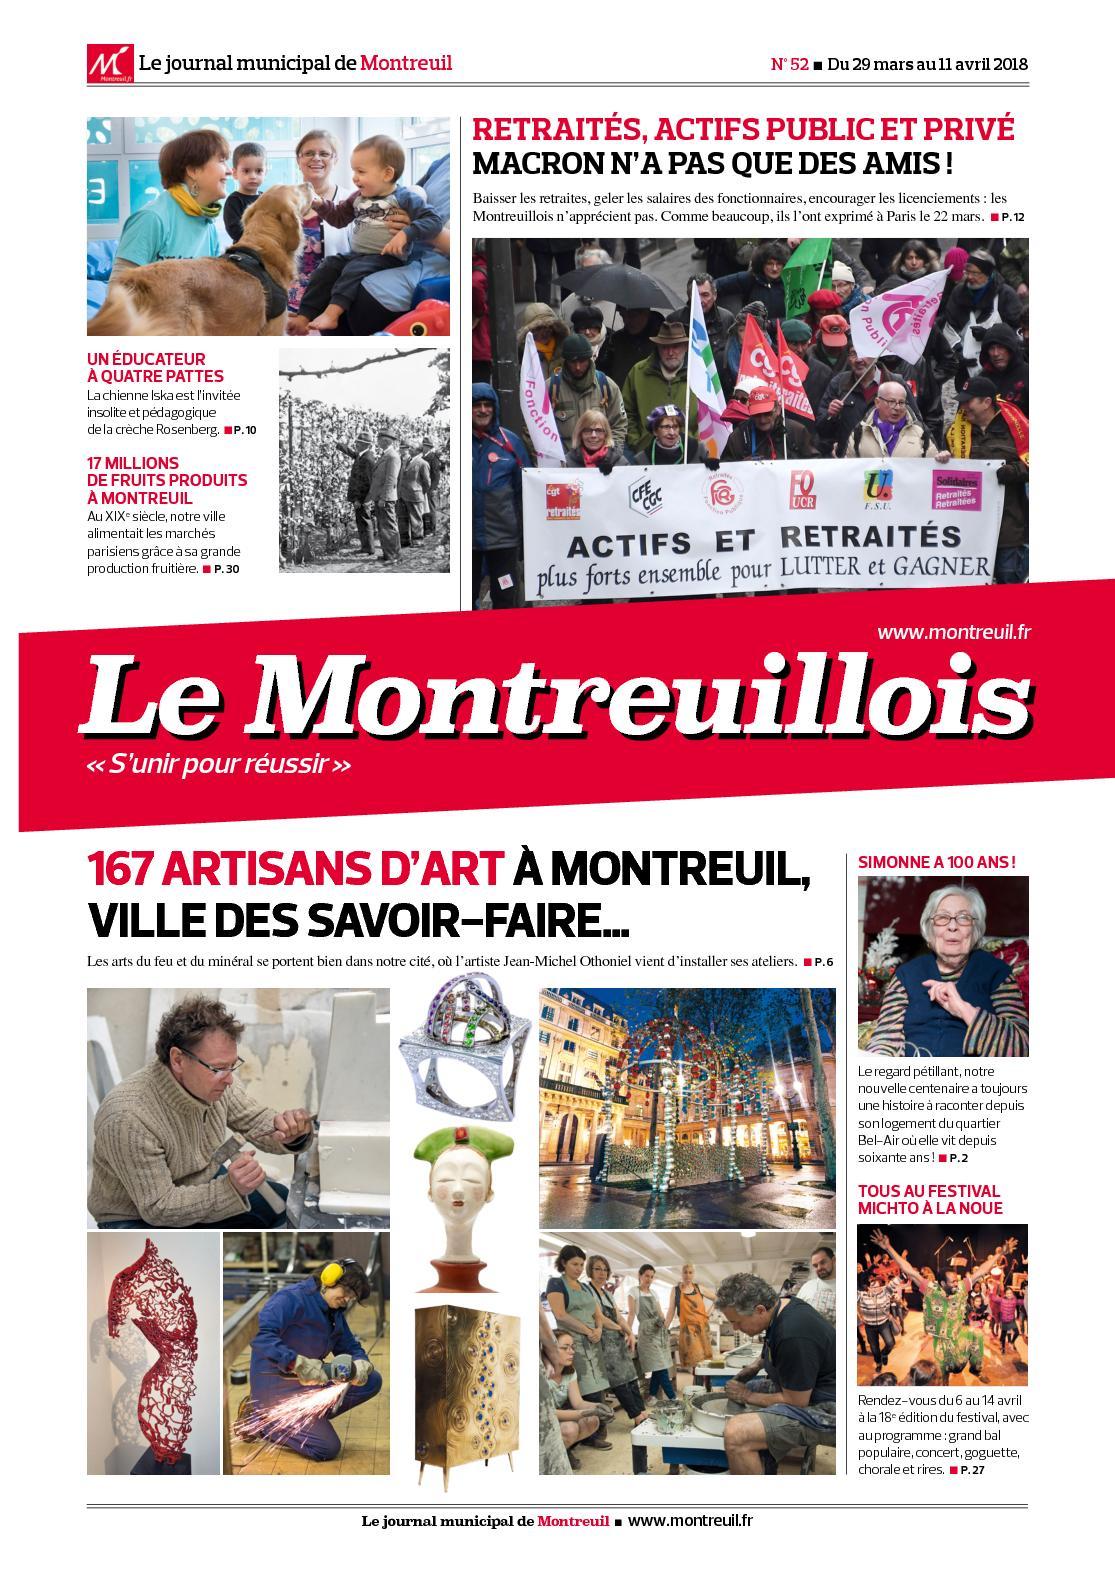 58ee74e5e80 Calaméo - Le Montreuillois n°52 - du 29 mars au 11 avril 2018